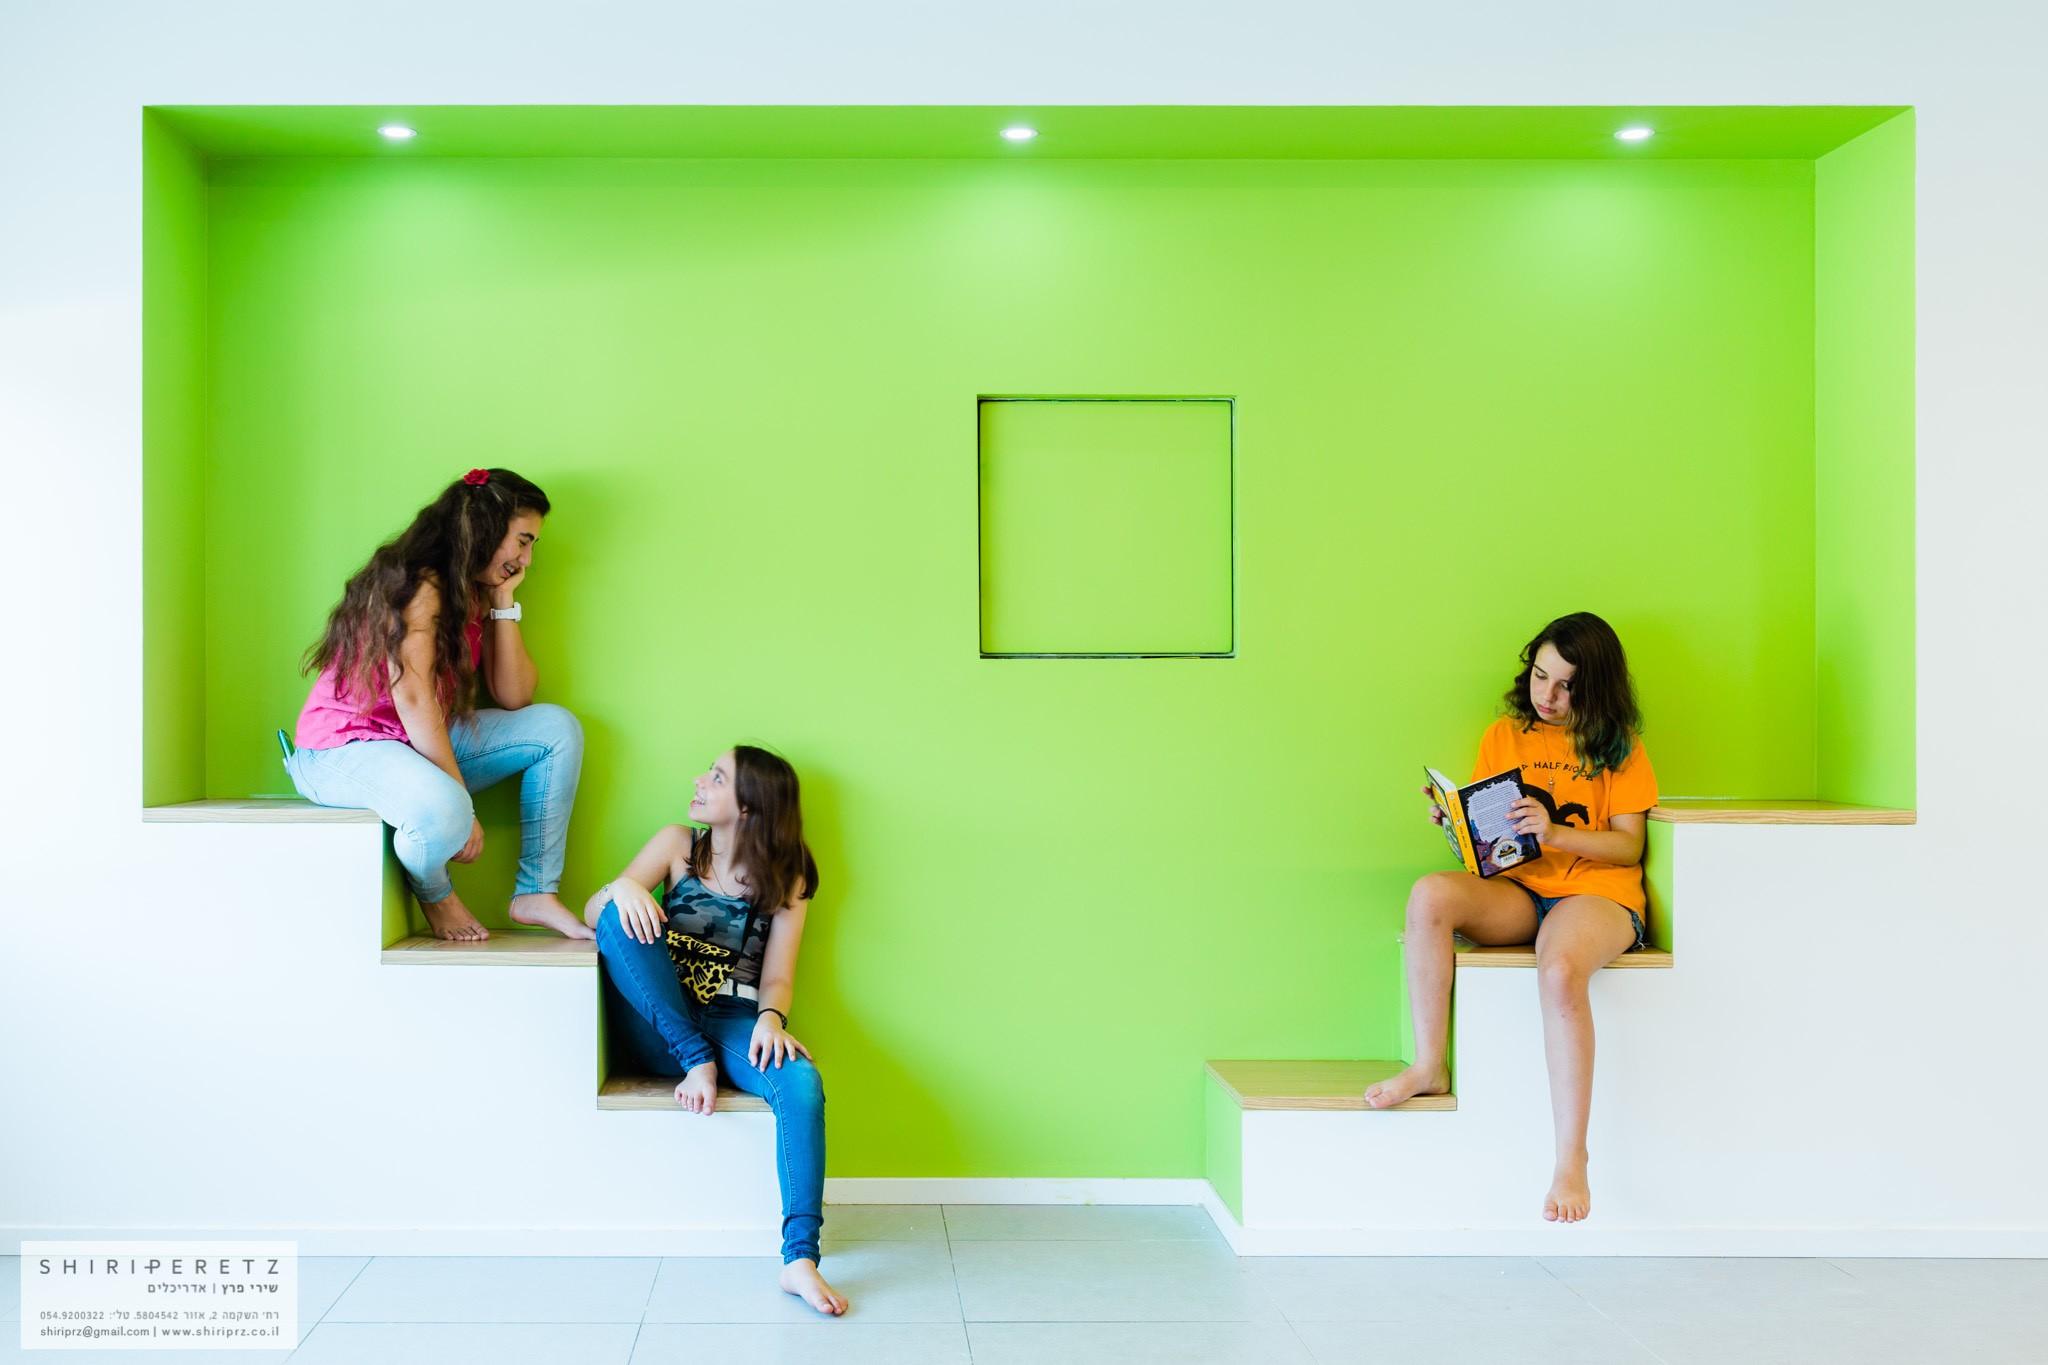 פינת ישיבה לתלמידים - מדרגות בקיר